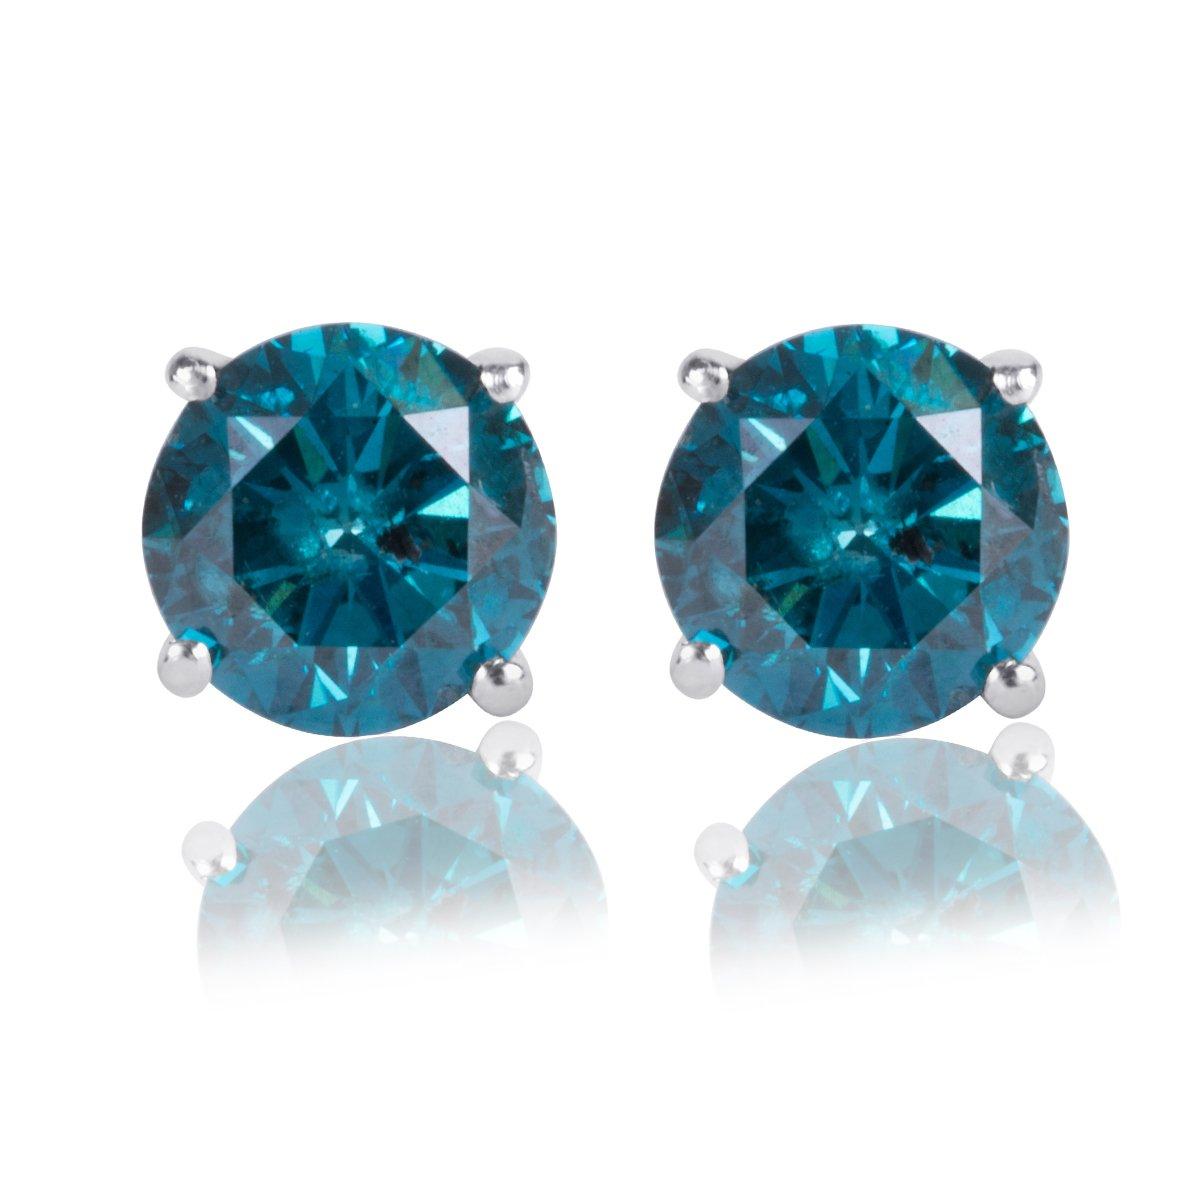 1/4 Ct. Blue Diamond Stud Earring Set in 14k White Gold